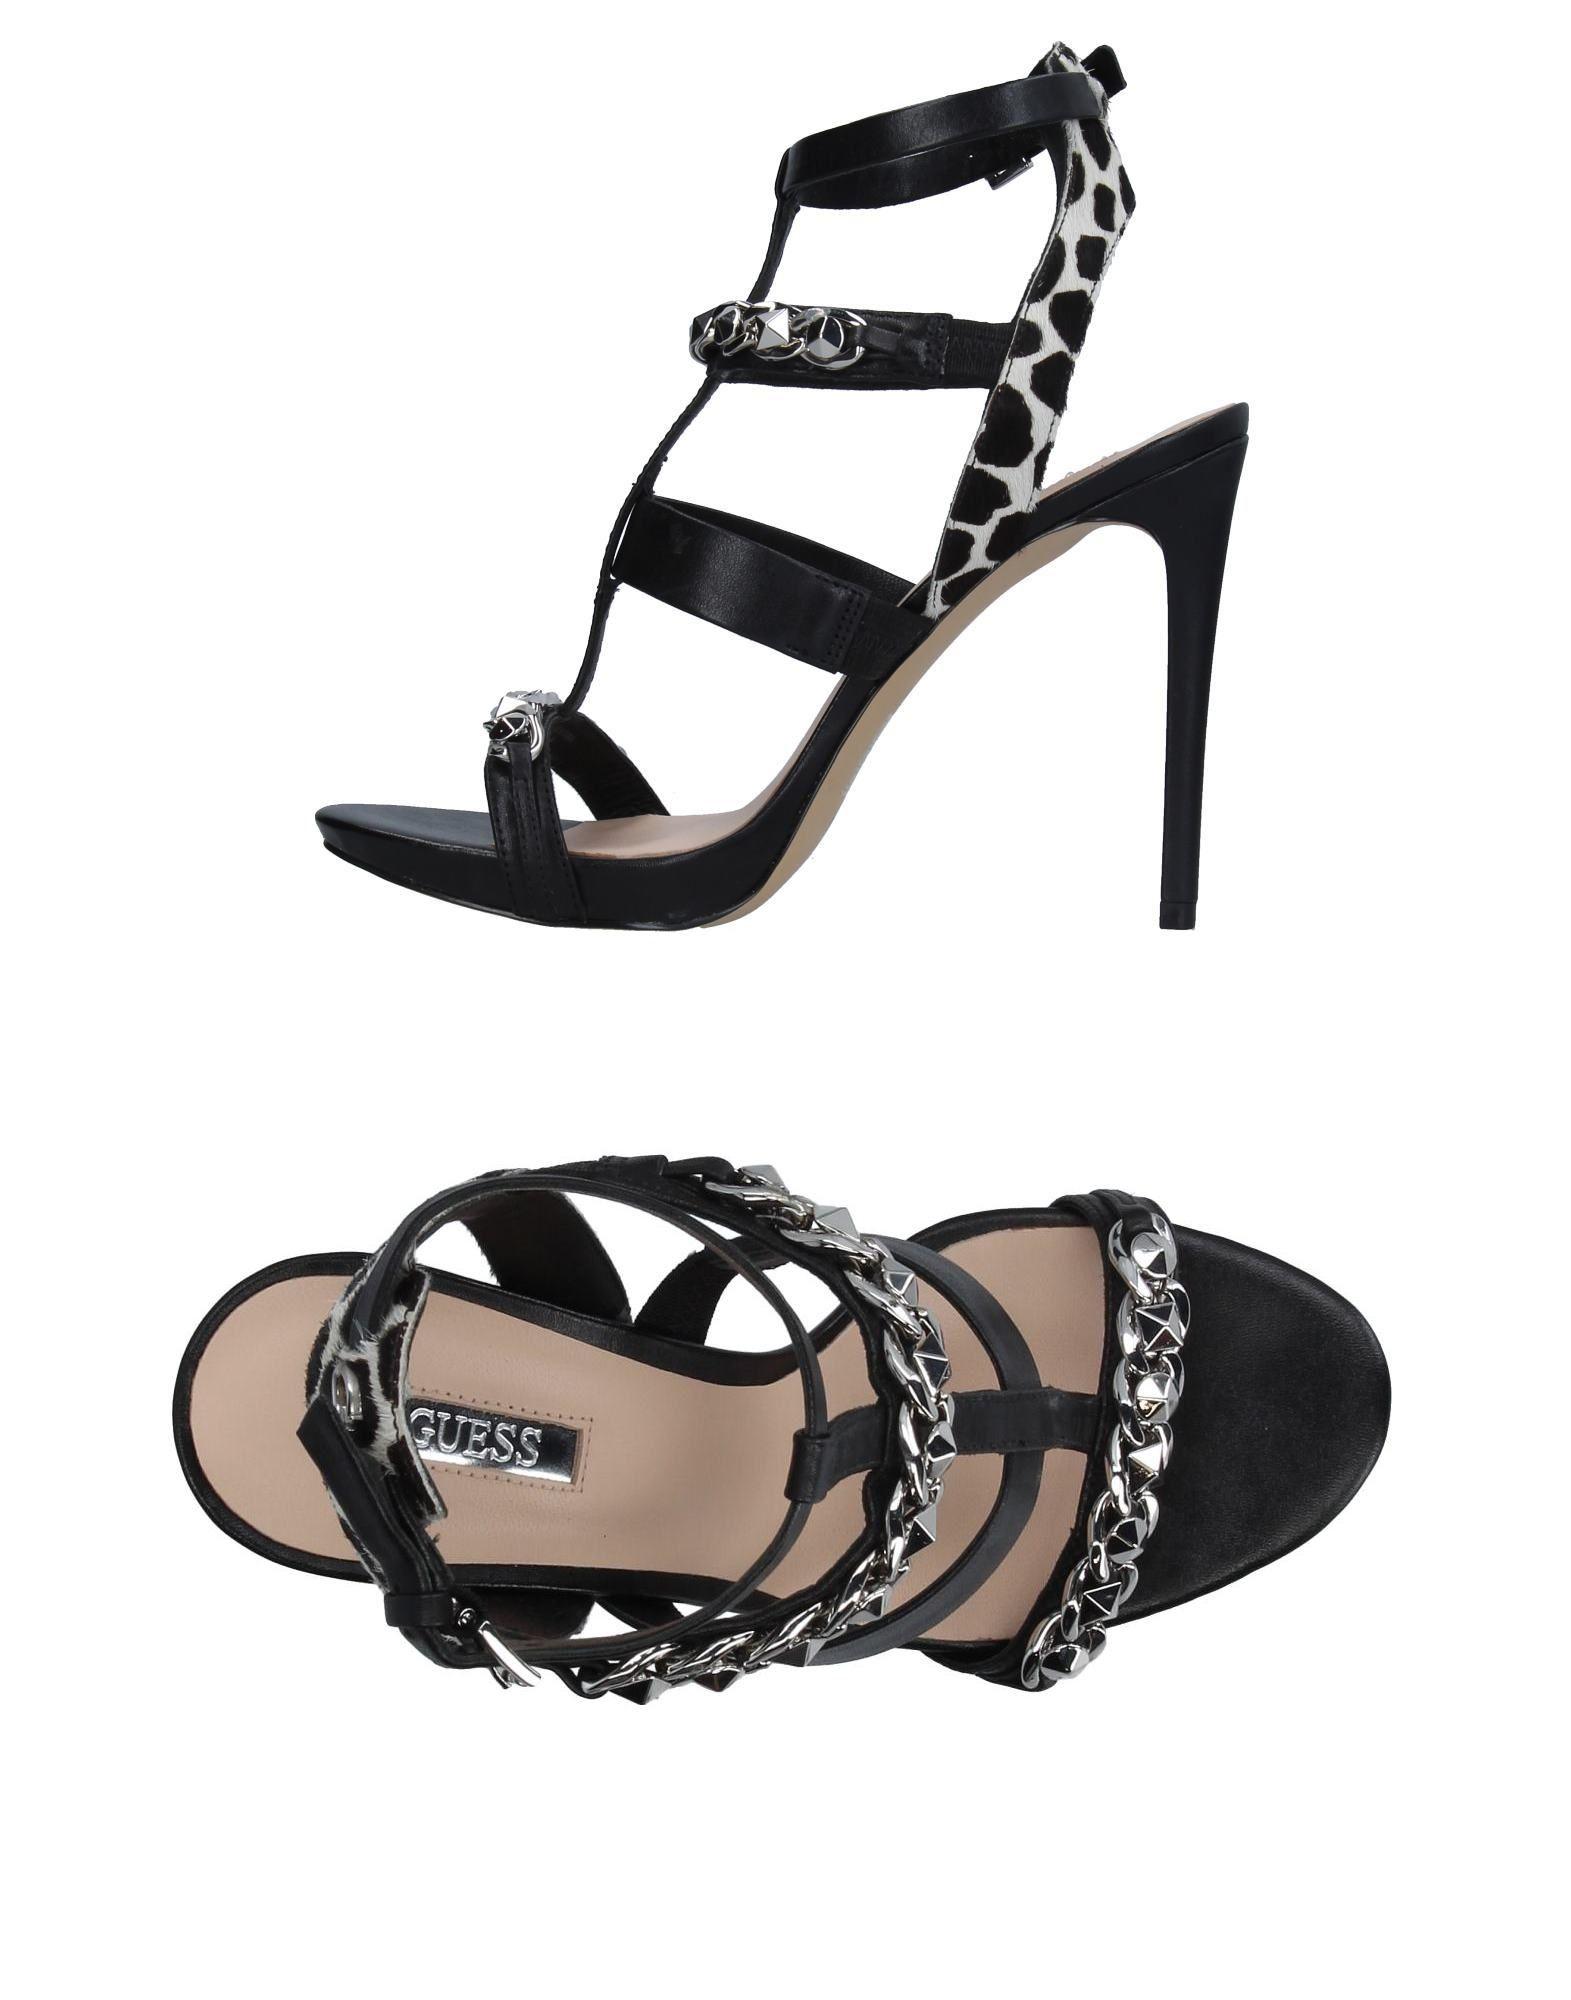 Sandales Guess Femme - Sandales Guess sur